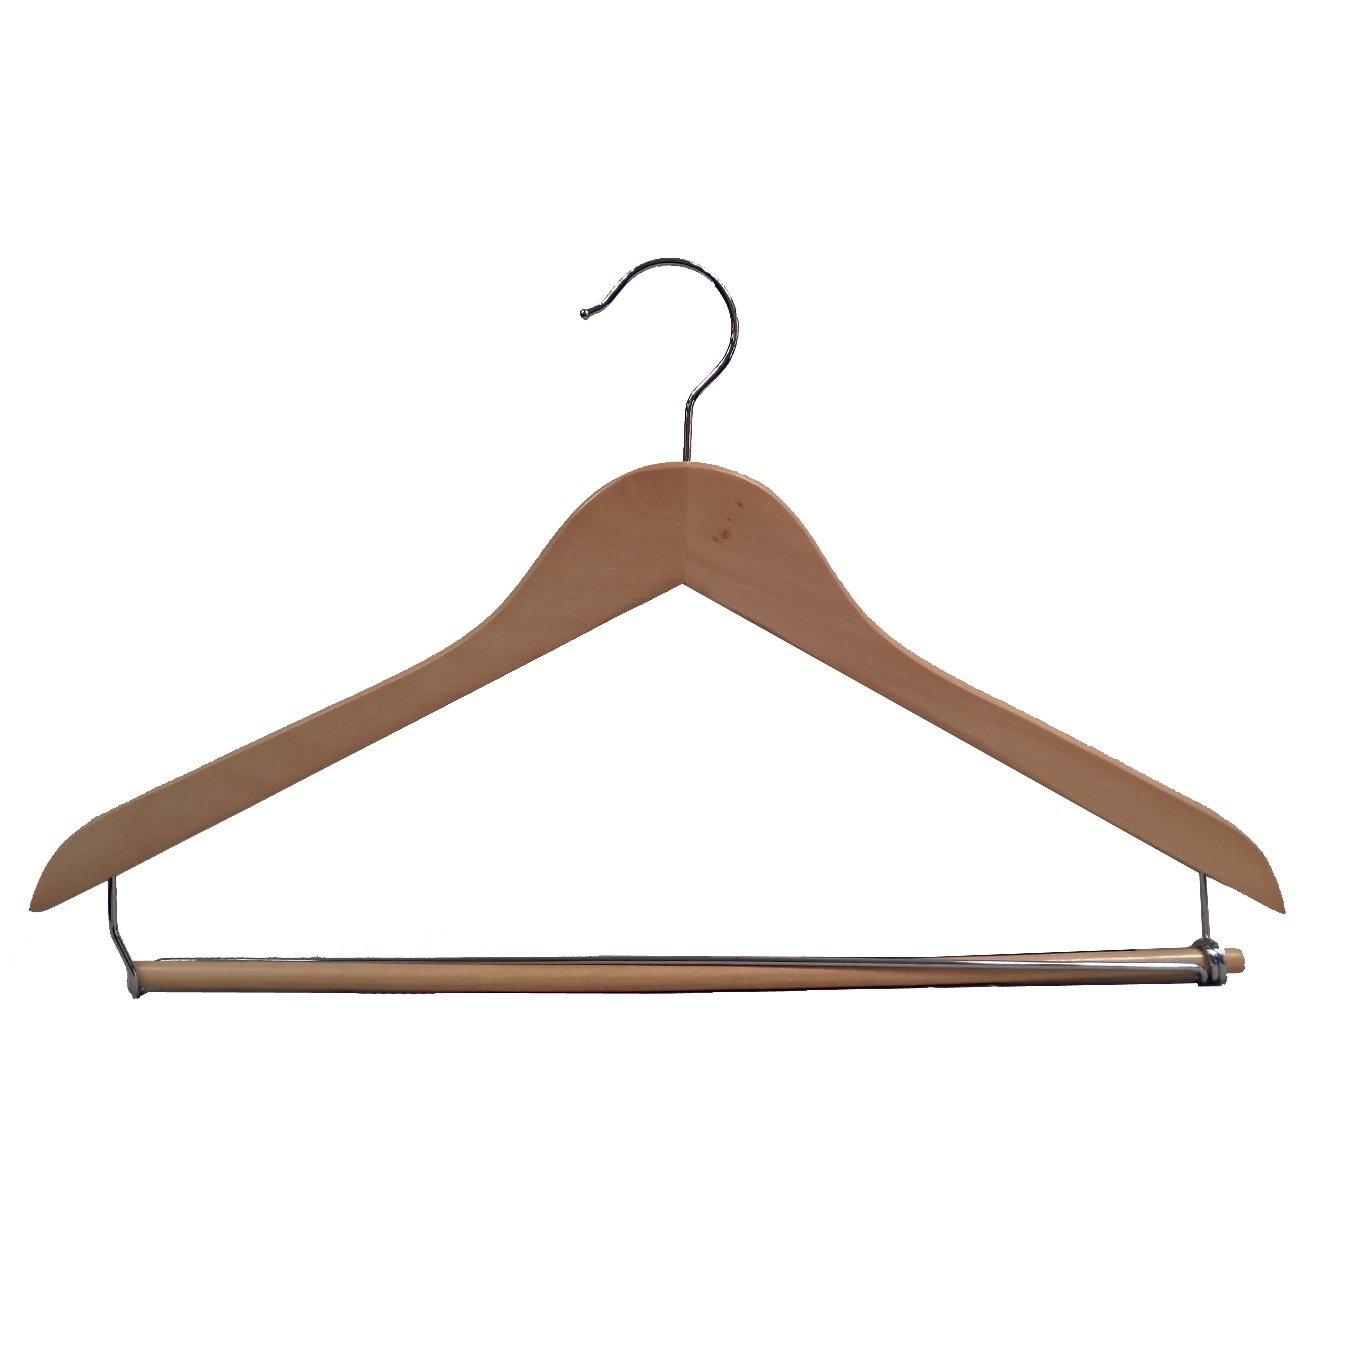 Proman Products GNC8815 Wooden Suit Hanger Wood, Light Walnut